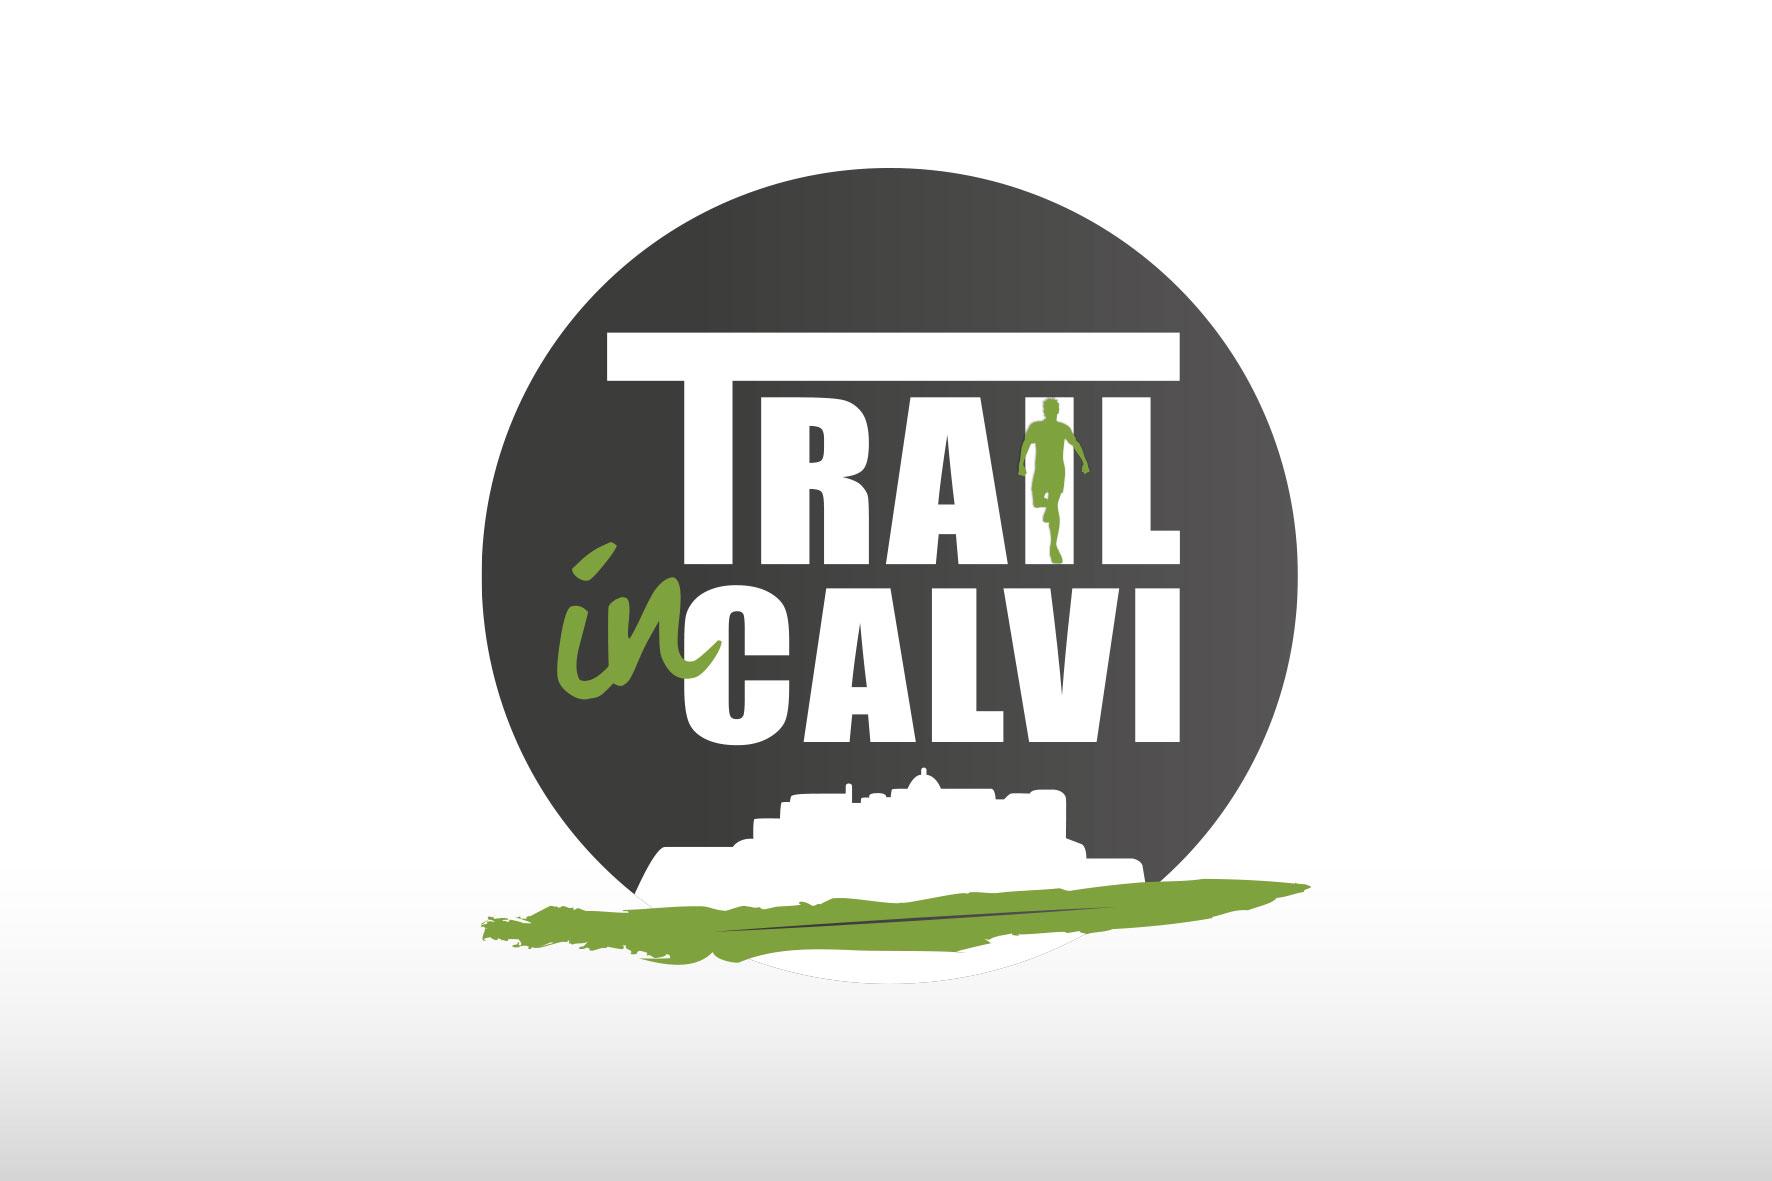 Trail in Calvi